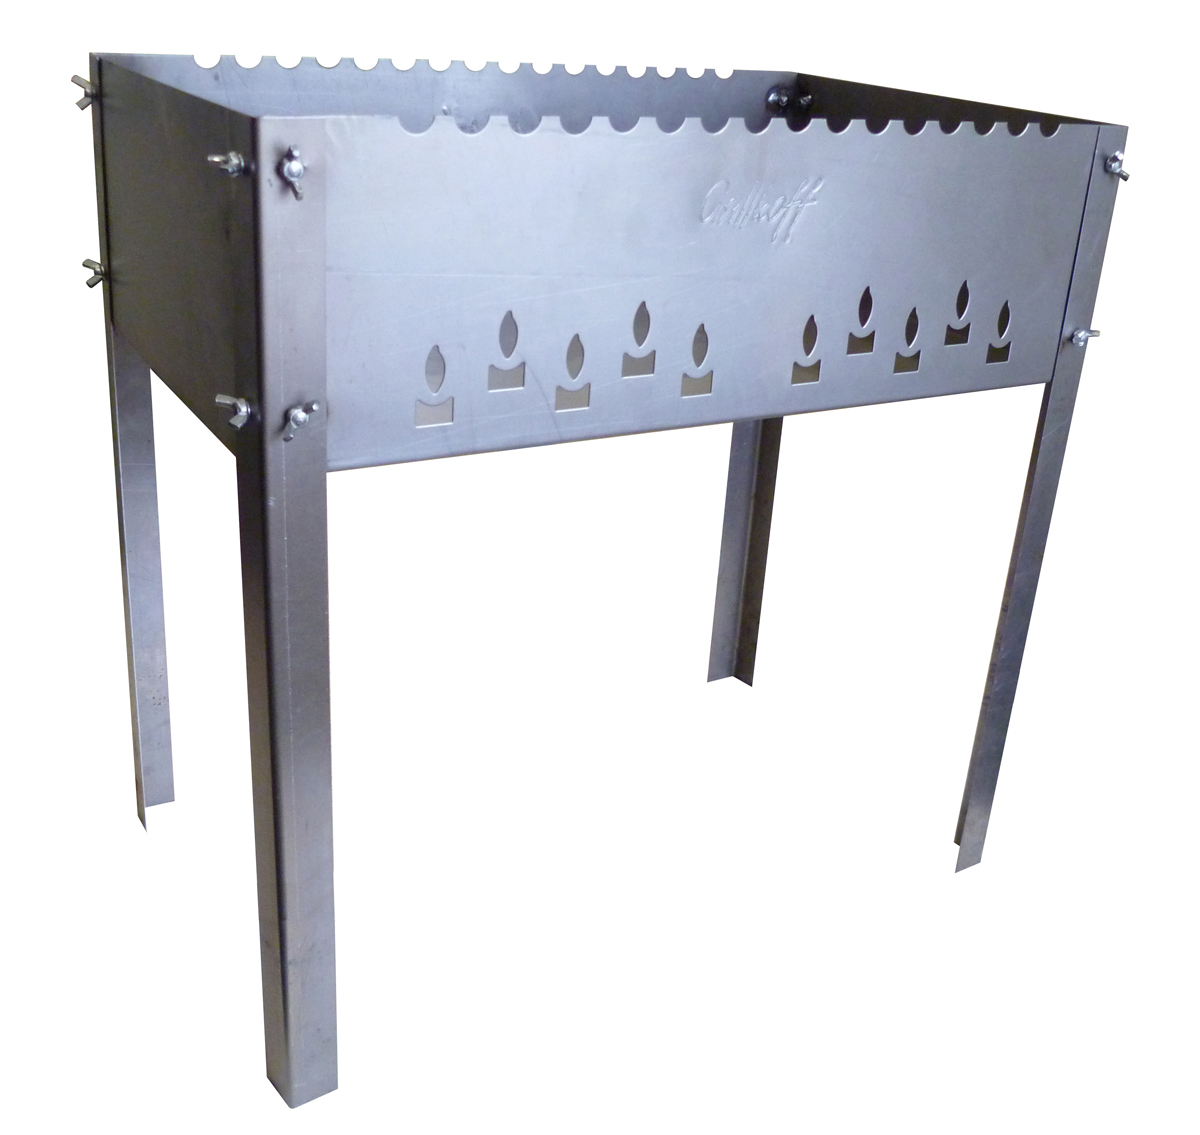 Мангал Grillkoff Max, с 6 шампурами, в сумке, 50 х 30 х 50 смAN84-70Мангал Grillkoff Max выполнен из высококачественной стали. С барашками, с волной. Мангал без усилий собирается для применения. Конструкция позволяет с комфортом готовить на мангале.В комплекте 6 шампуров, выполненных из нержавеющей стали.Размер мангала (с учетом ножек): 50 х 30 х 50 см.Глубина мангала: 14,5 см.Толщина стали: 1,5 мм.Длина шампуров: 50 см.Толщина шампуров: 0,8 мм.